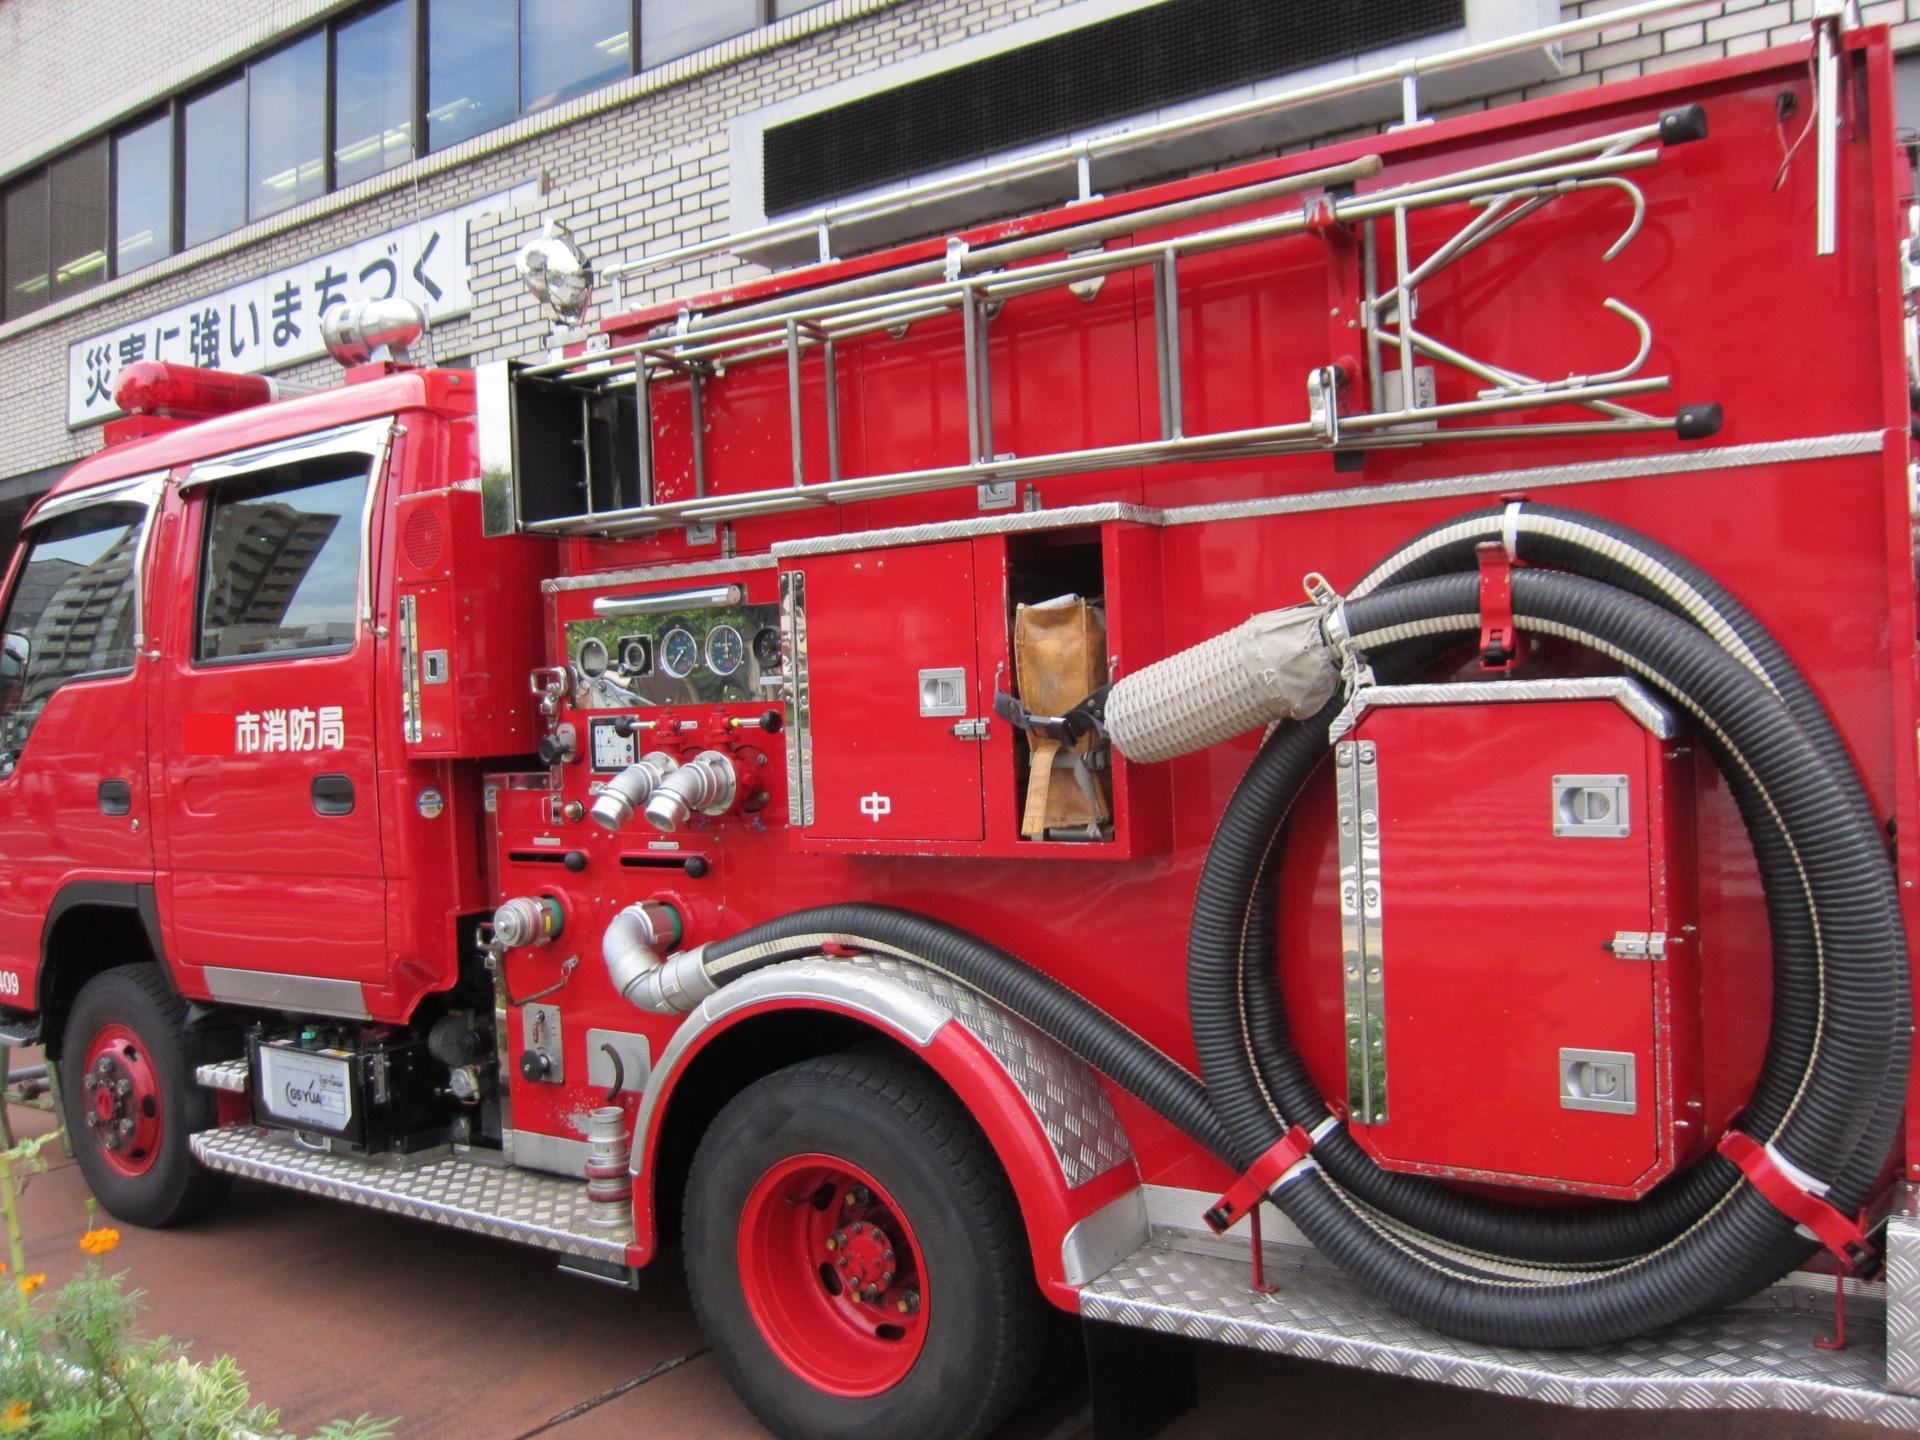 消防士の彼氏から連絡ない時!消防士と上手く付き合う方法